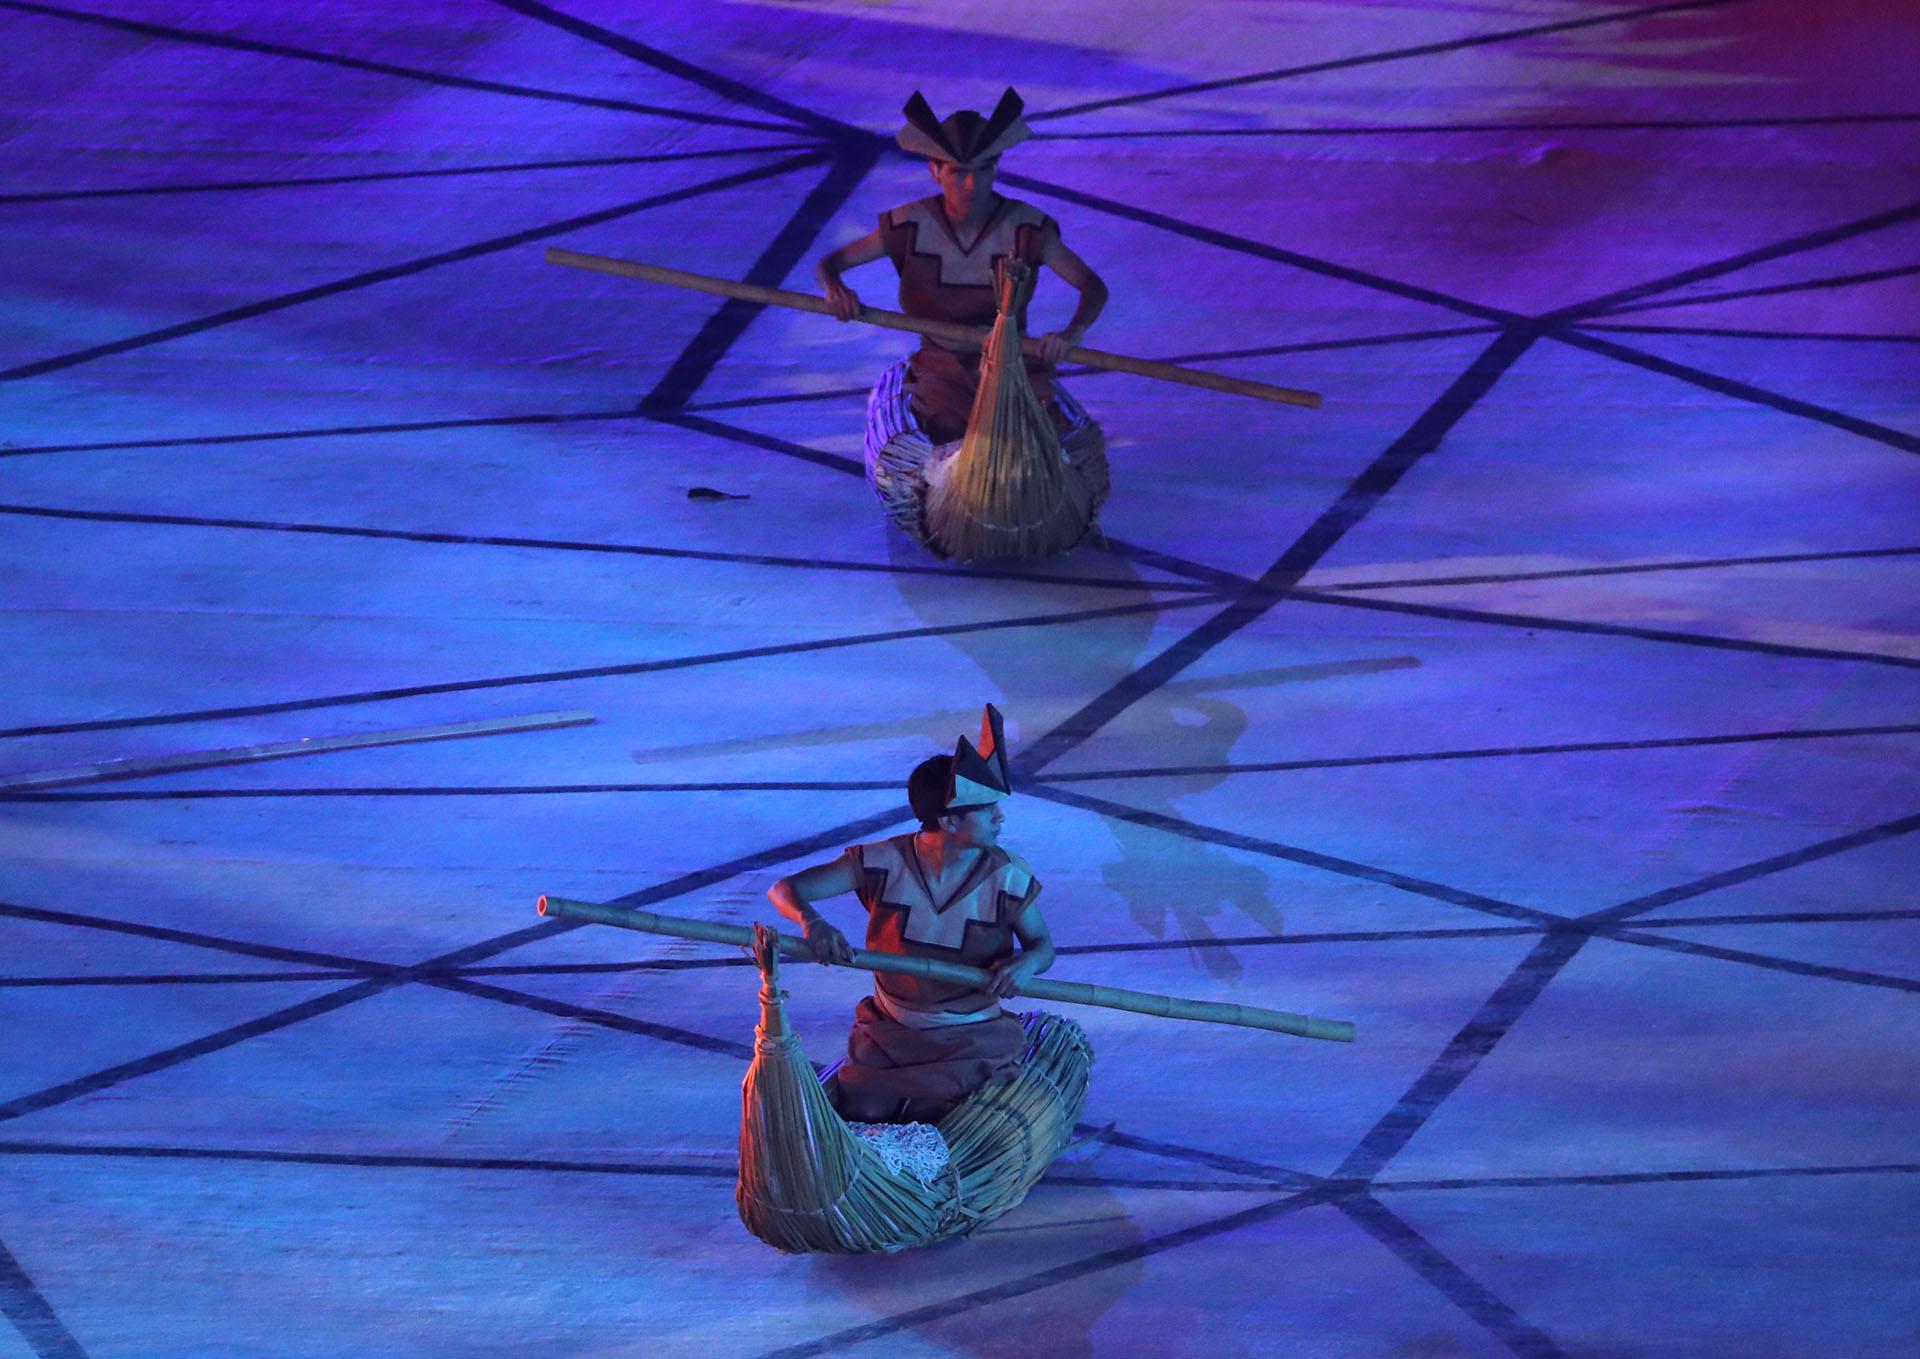 La historia milenaria del Perú fue protagonista de la ceremonia de apertura de Lima 2019 (REUTERS/Sergio Moraes)